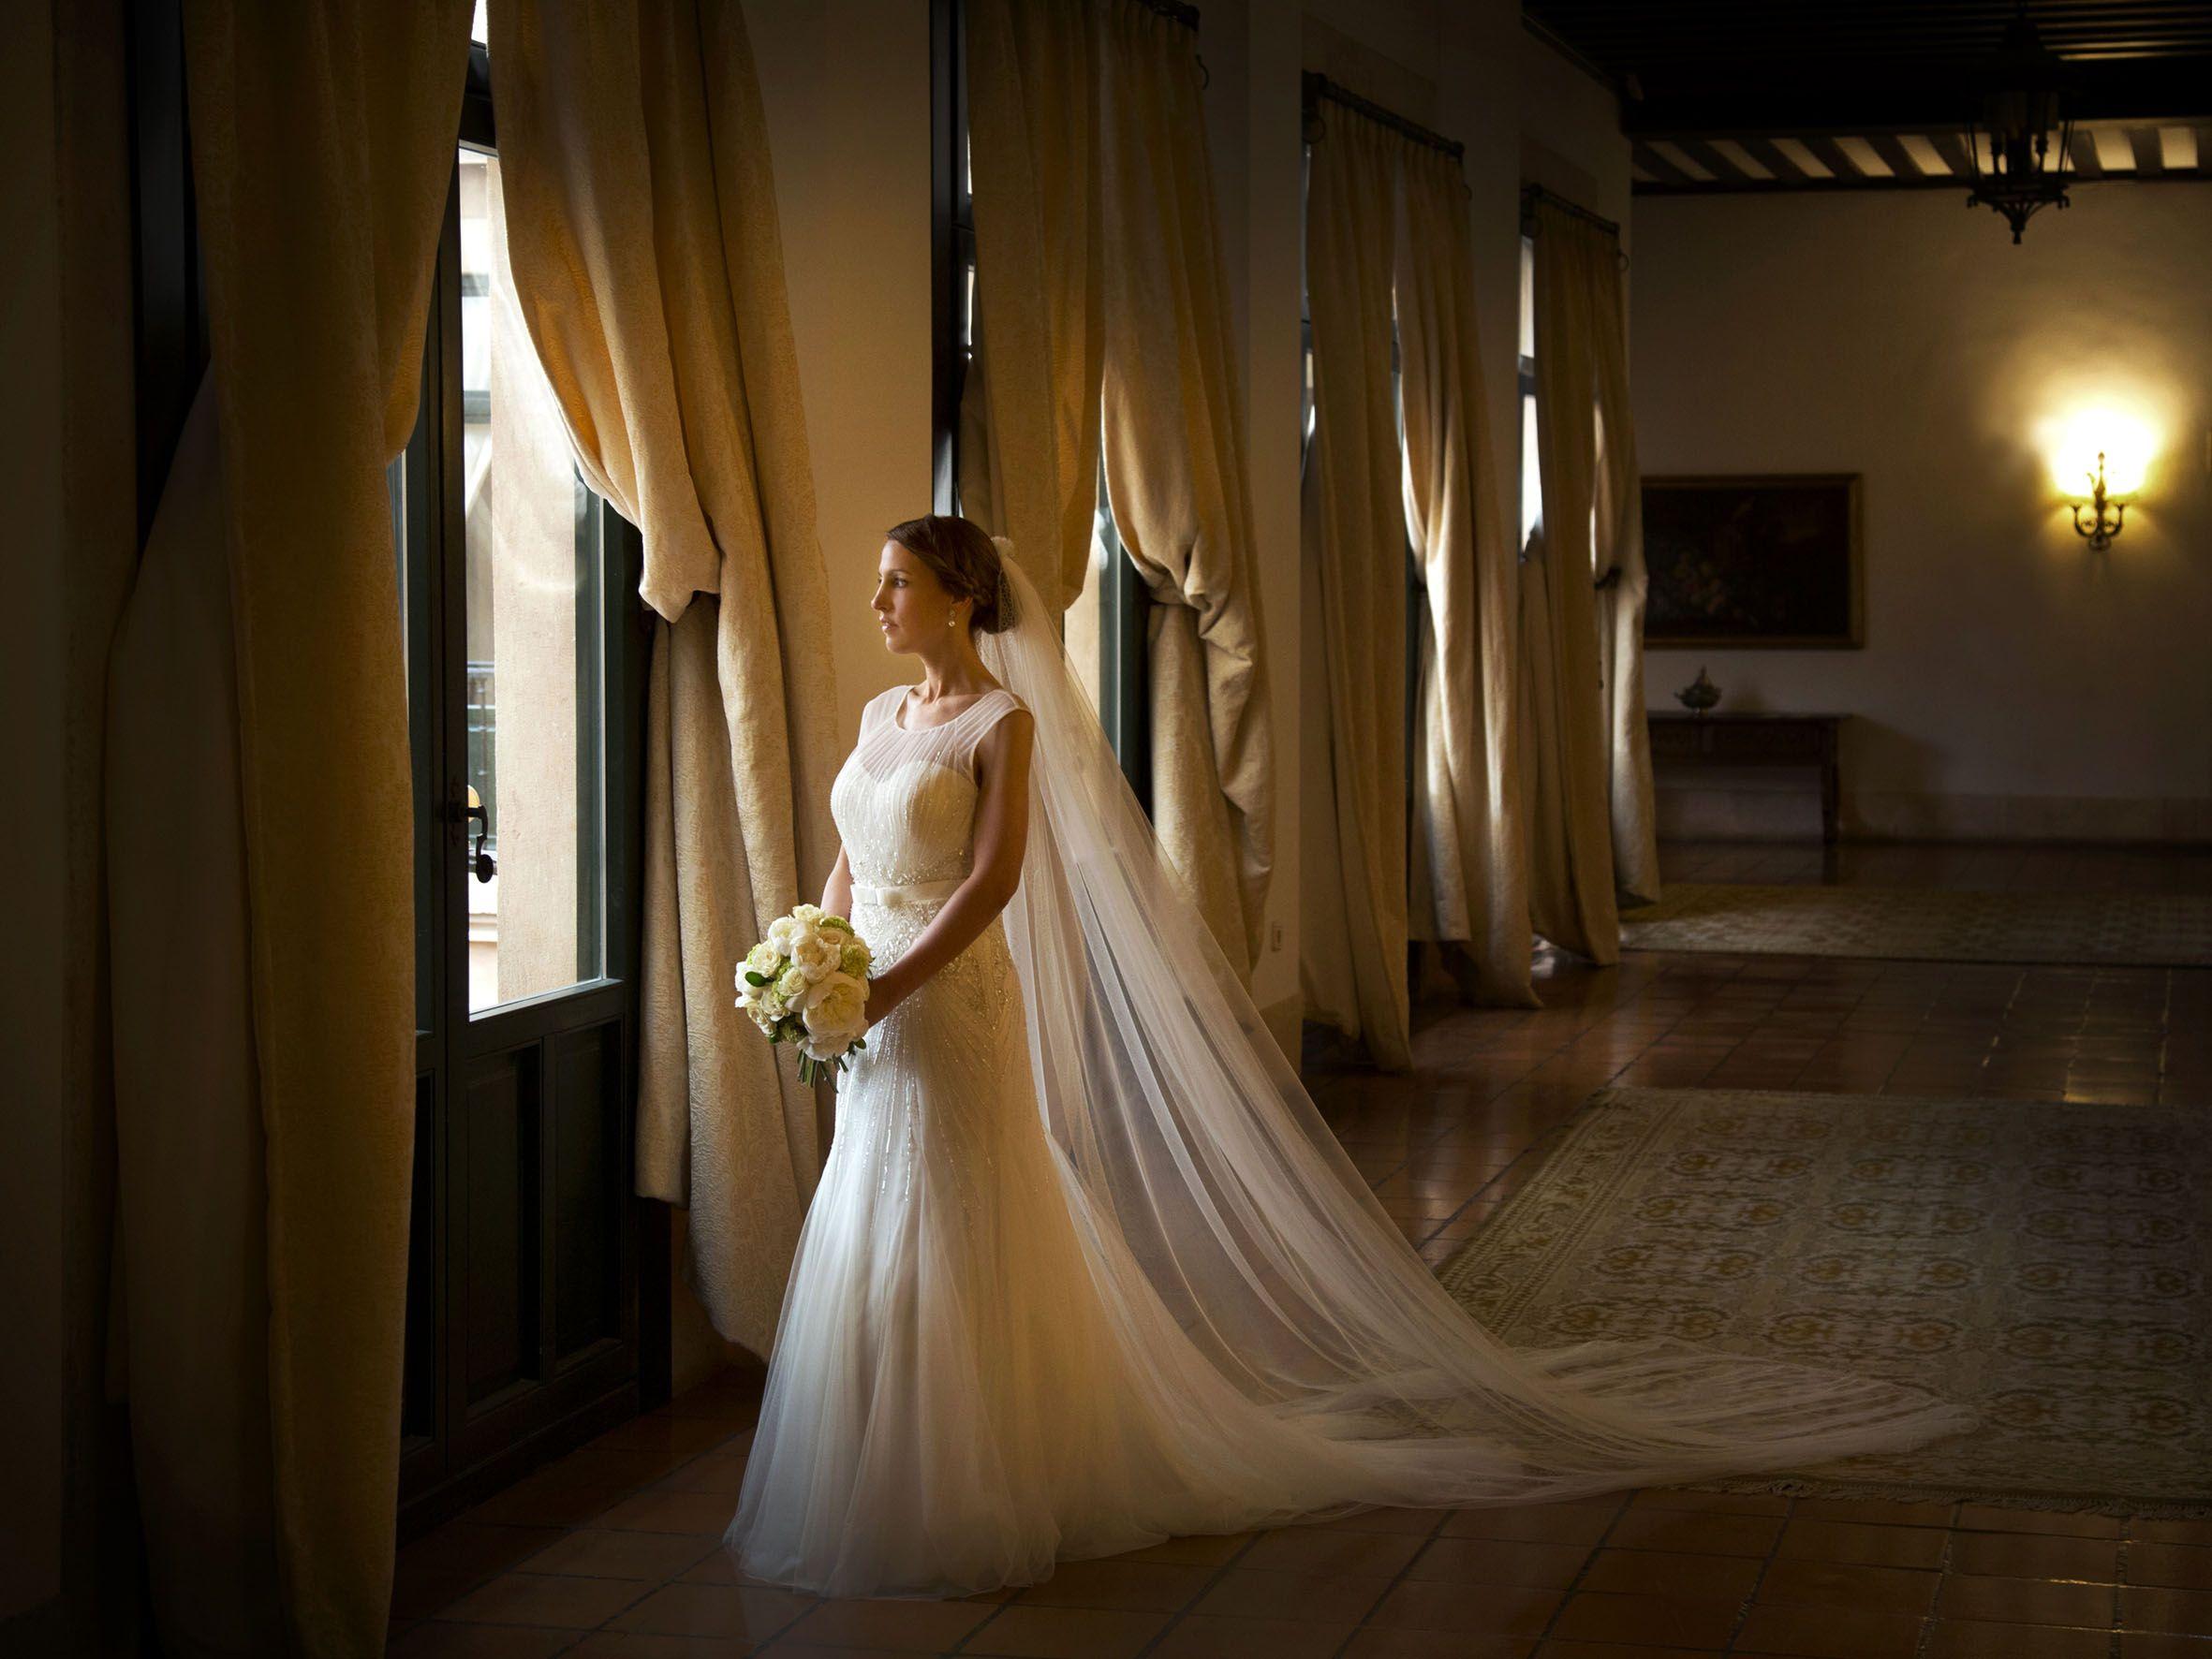 fotografo-de-bodas-en-burgos